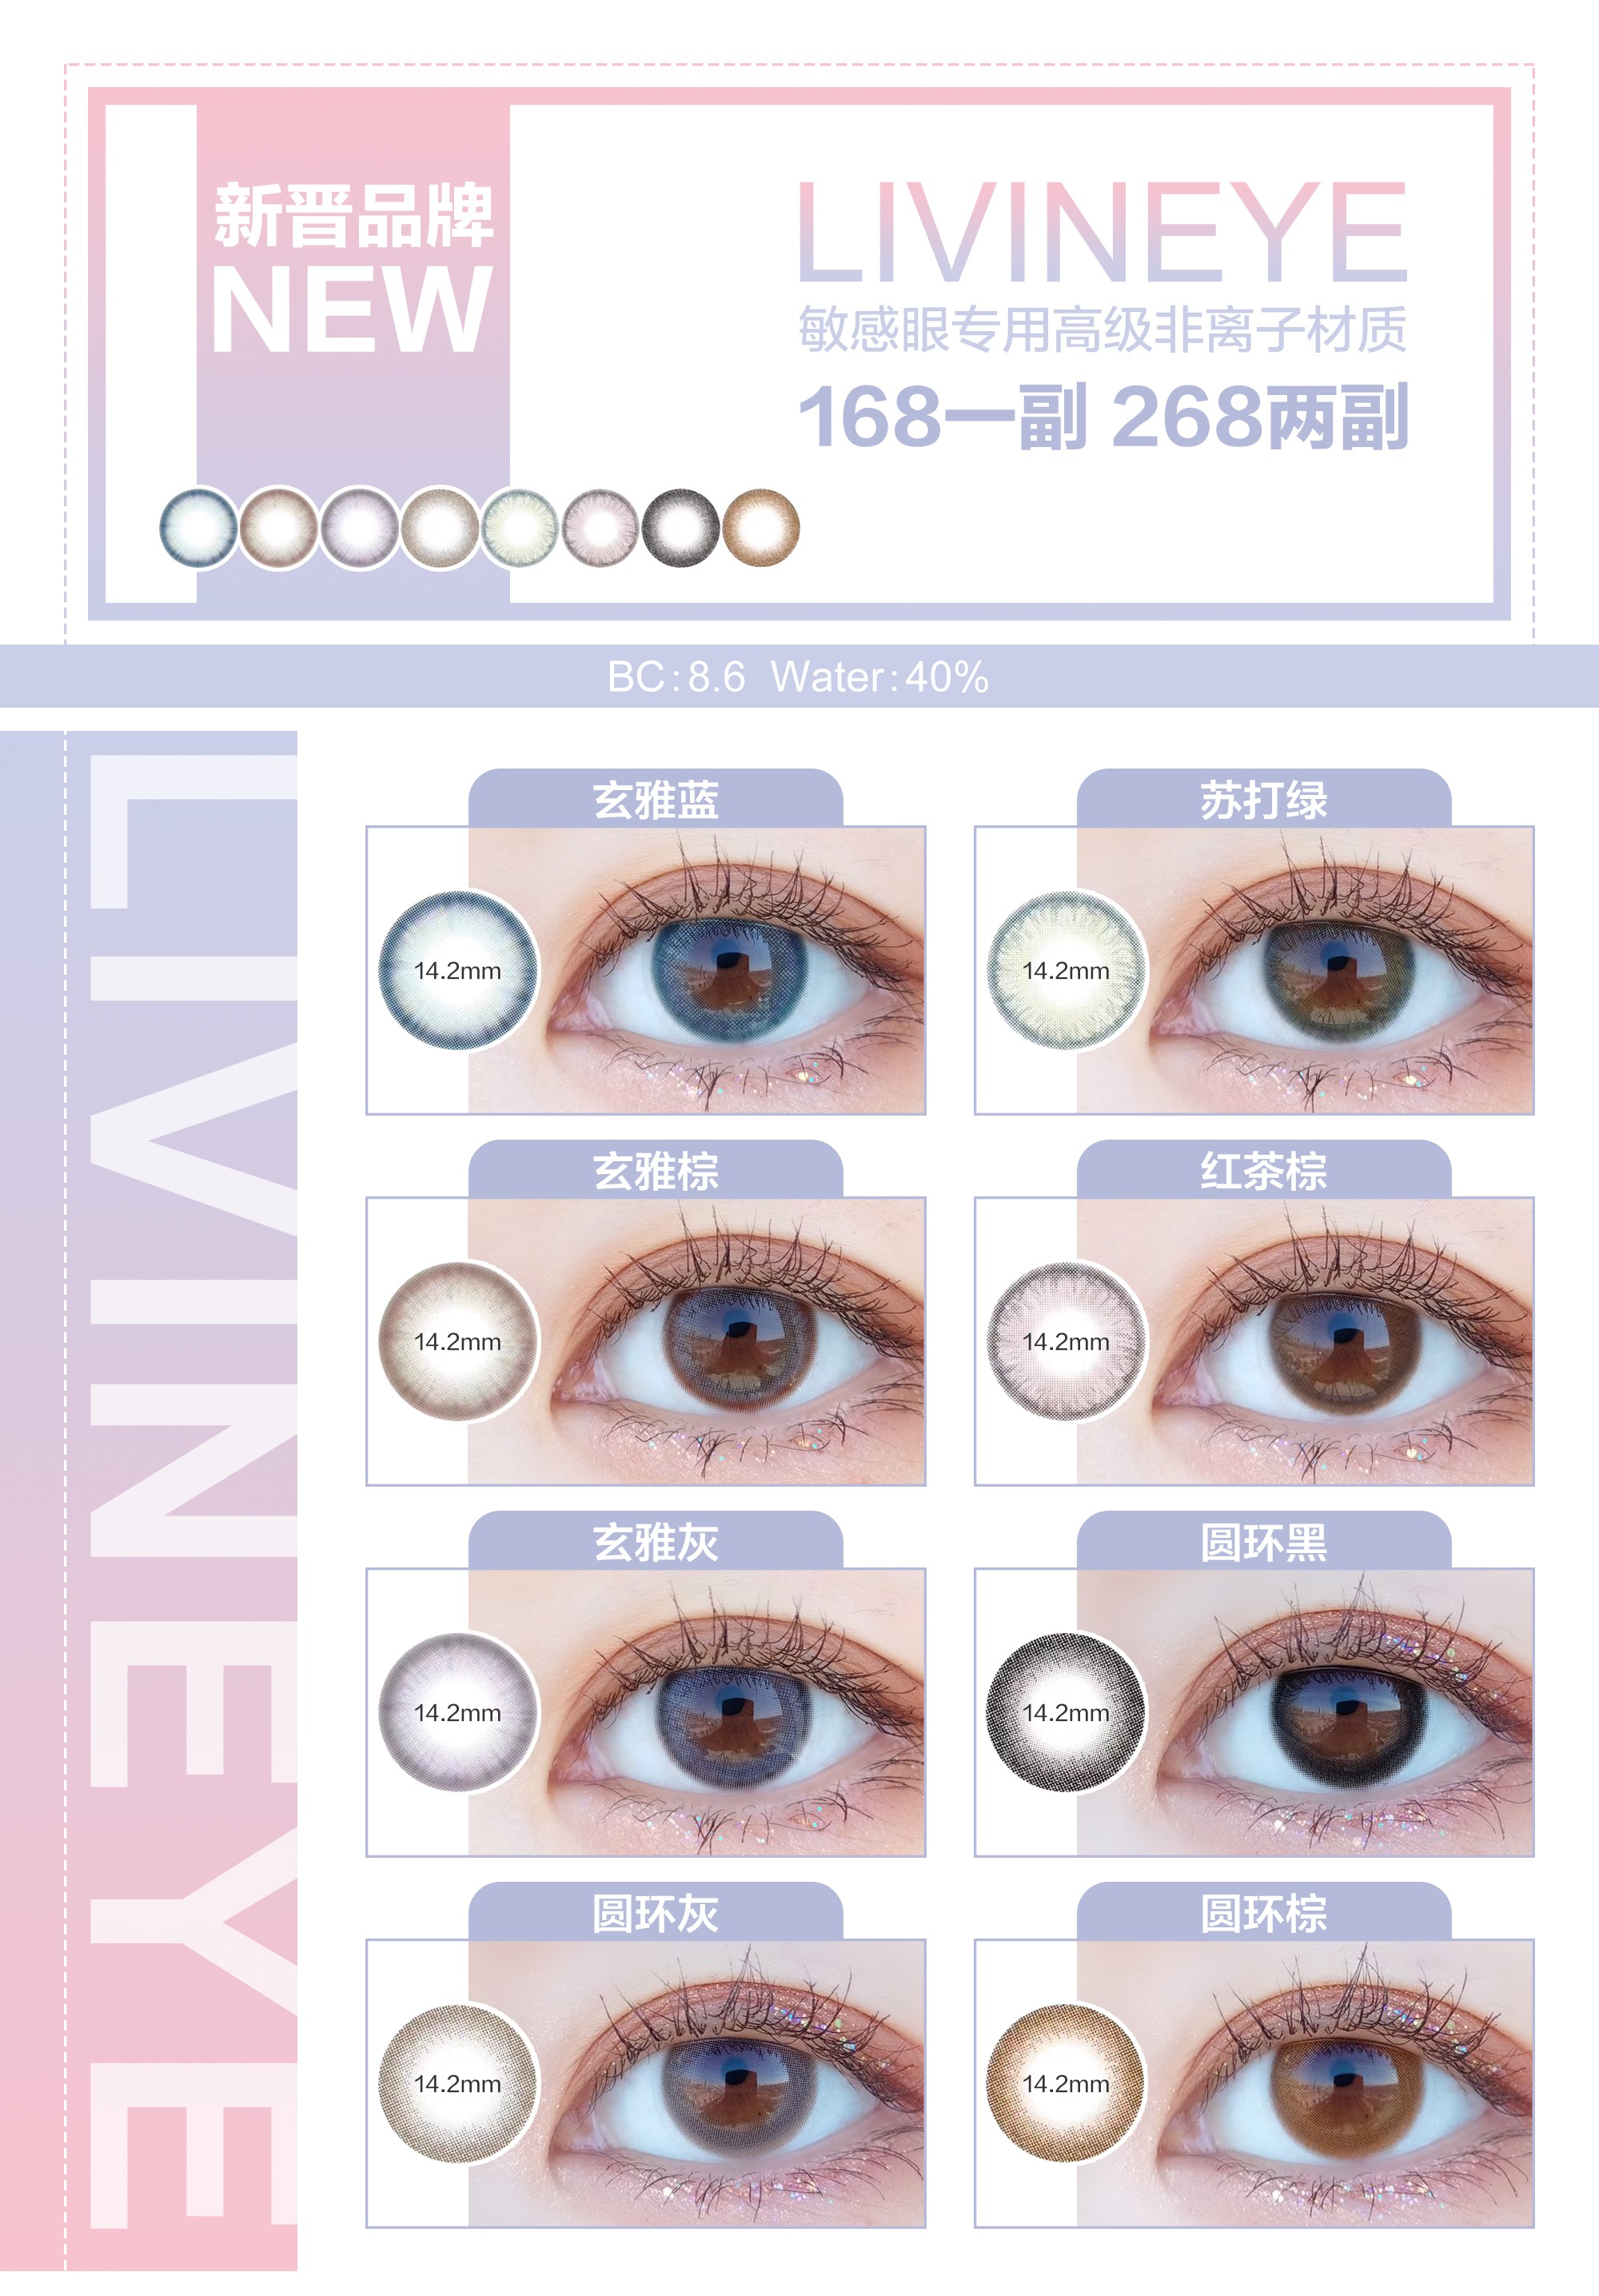 LIVINEYE美瞳 敏感眼专用高级非离子